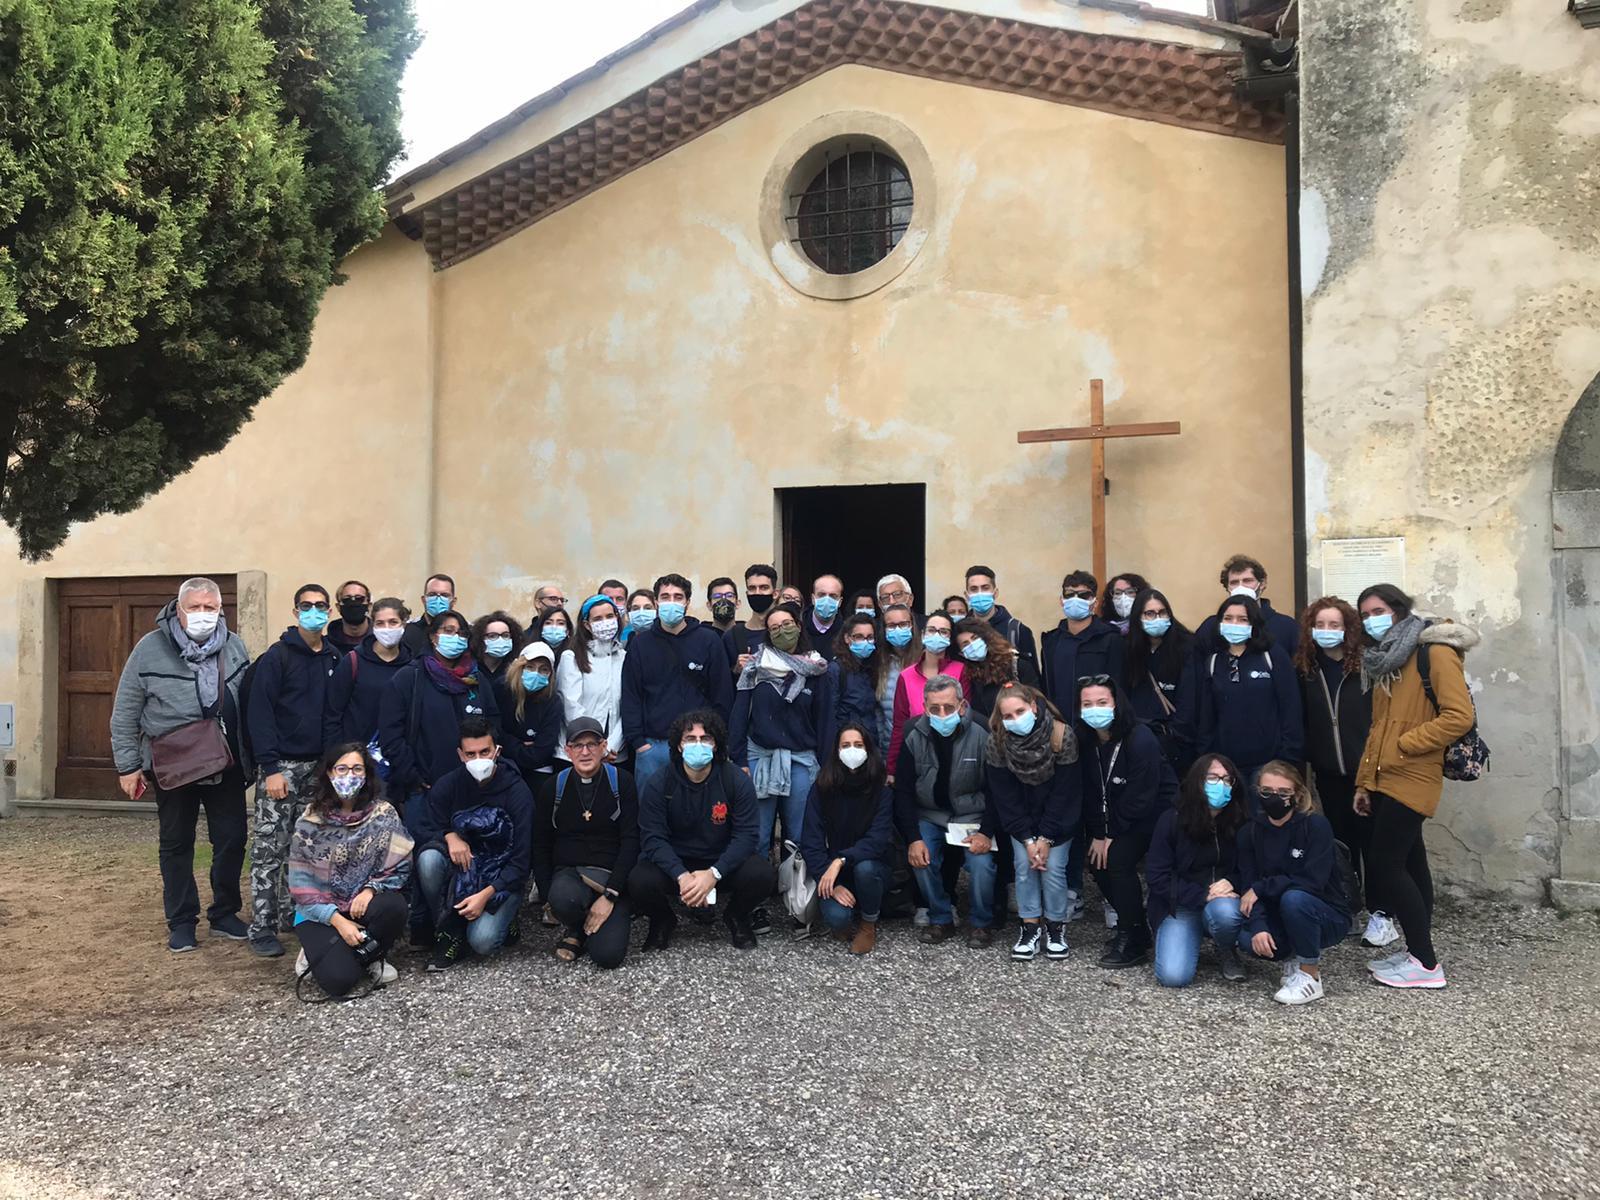 I ragazzi e le ragazze del Servizio Civile Regionale in visita a Barbiana